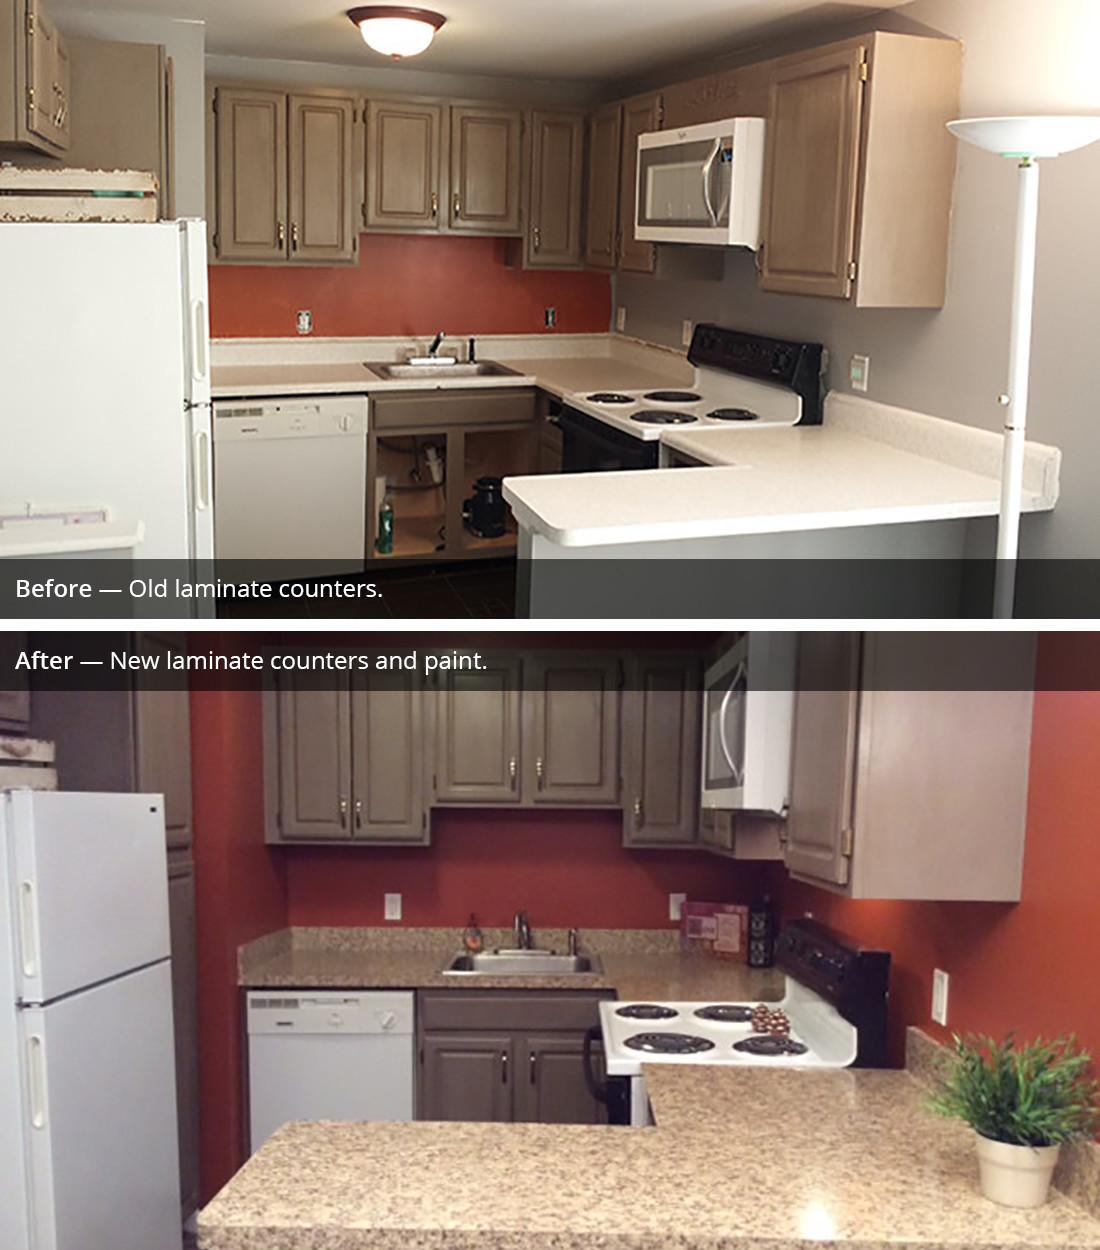 195_kitchen